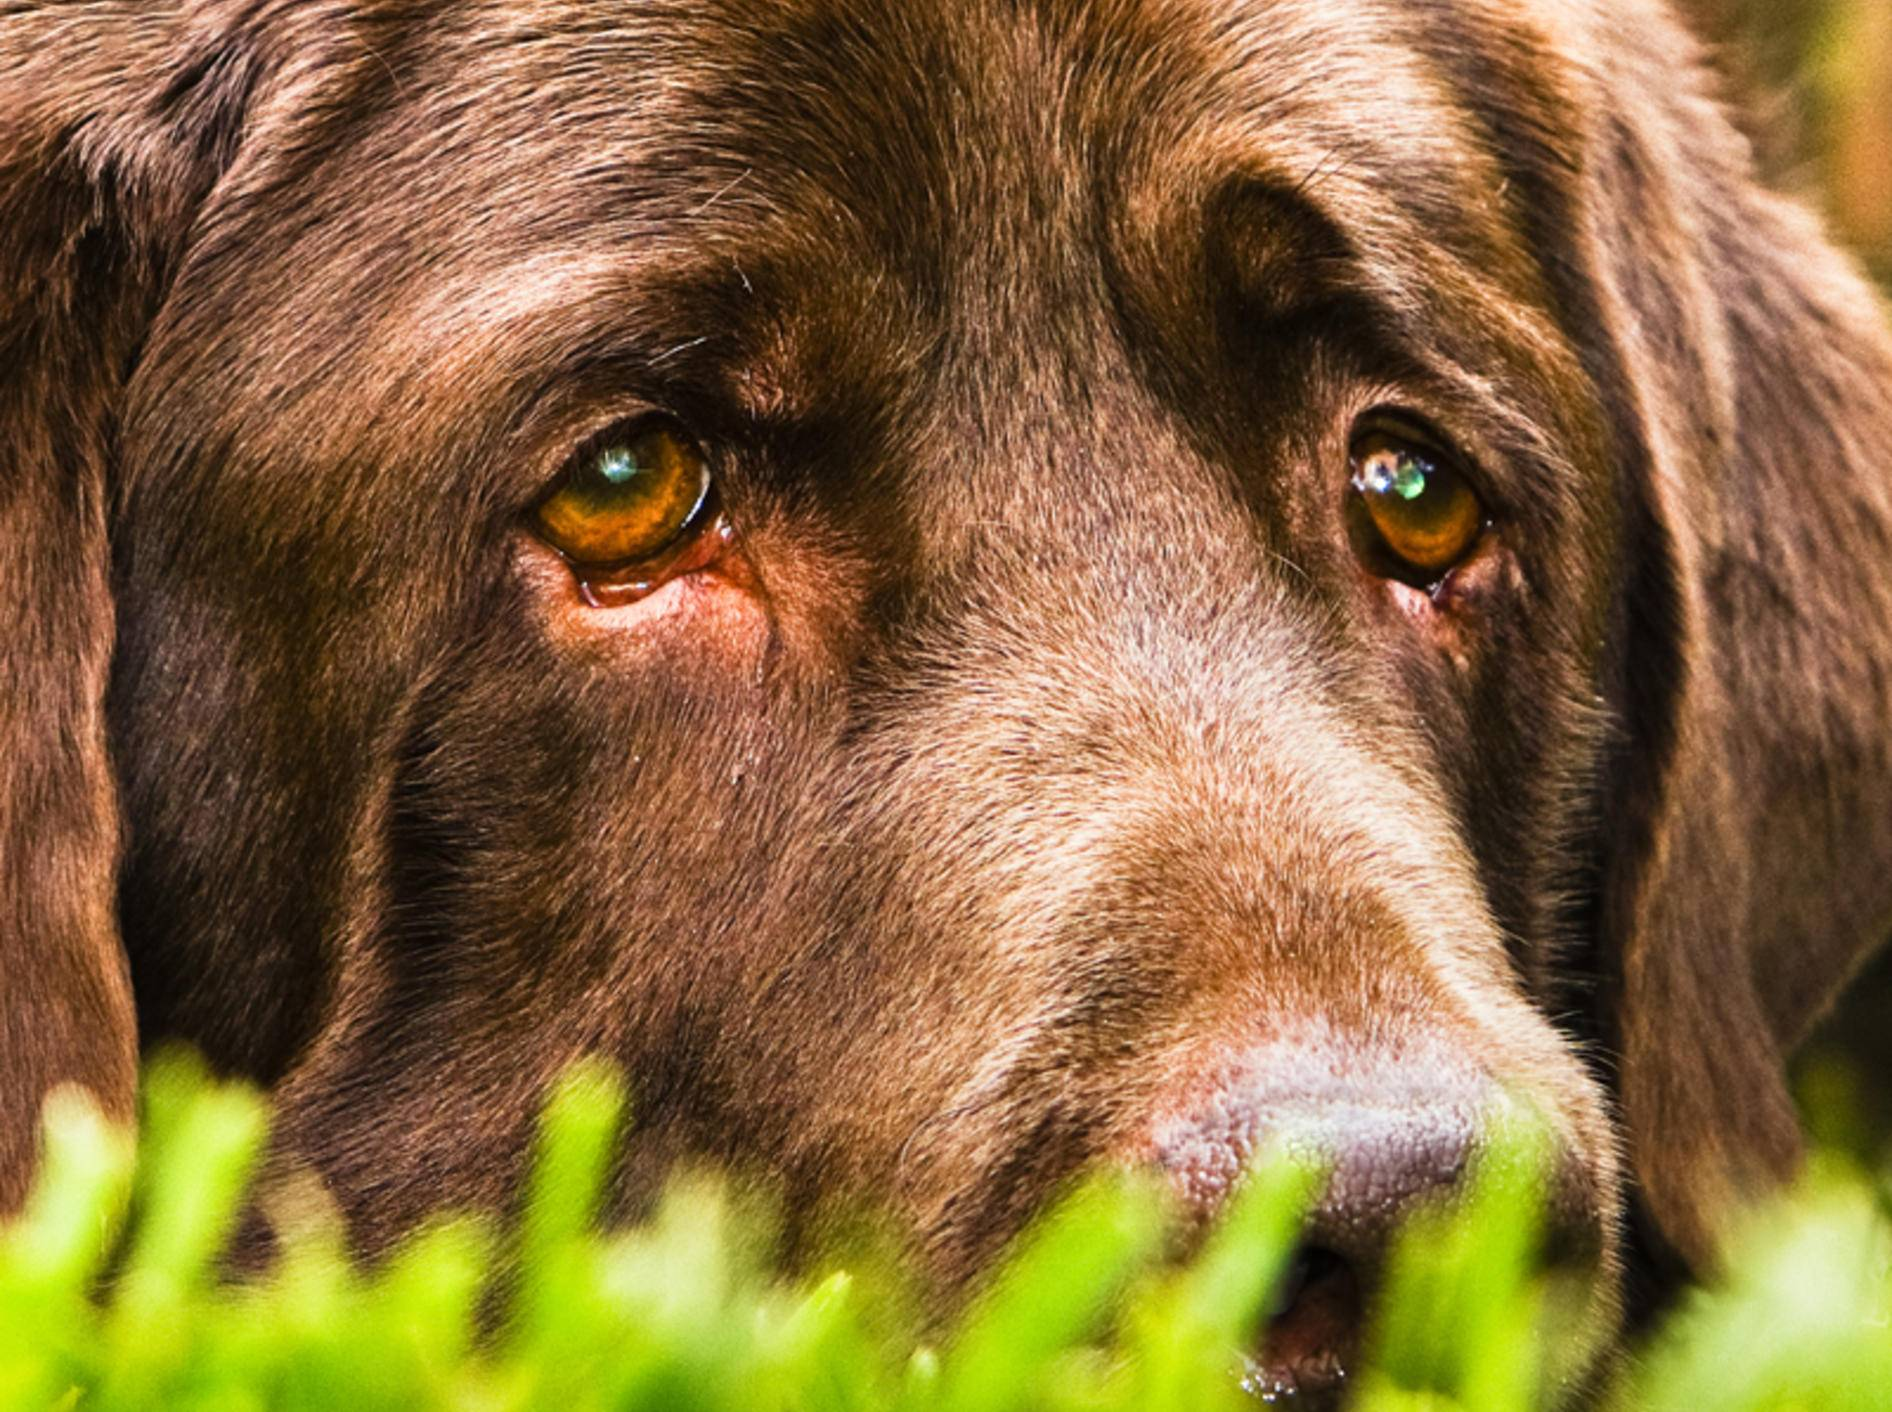 Tränende Augen sind für den Hund unangenehm und können die unterschiedlichsten Auslöser haben – Bild: Shutterstock / Vega Gonzalez